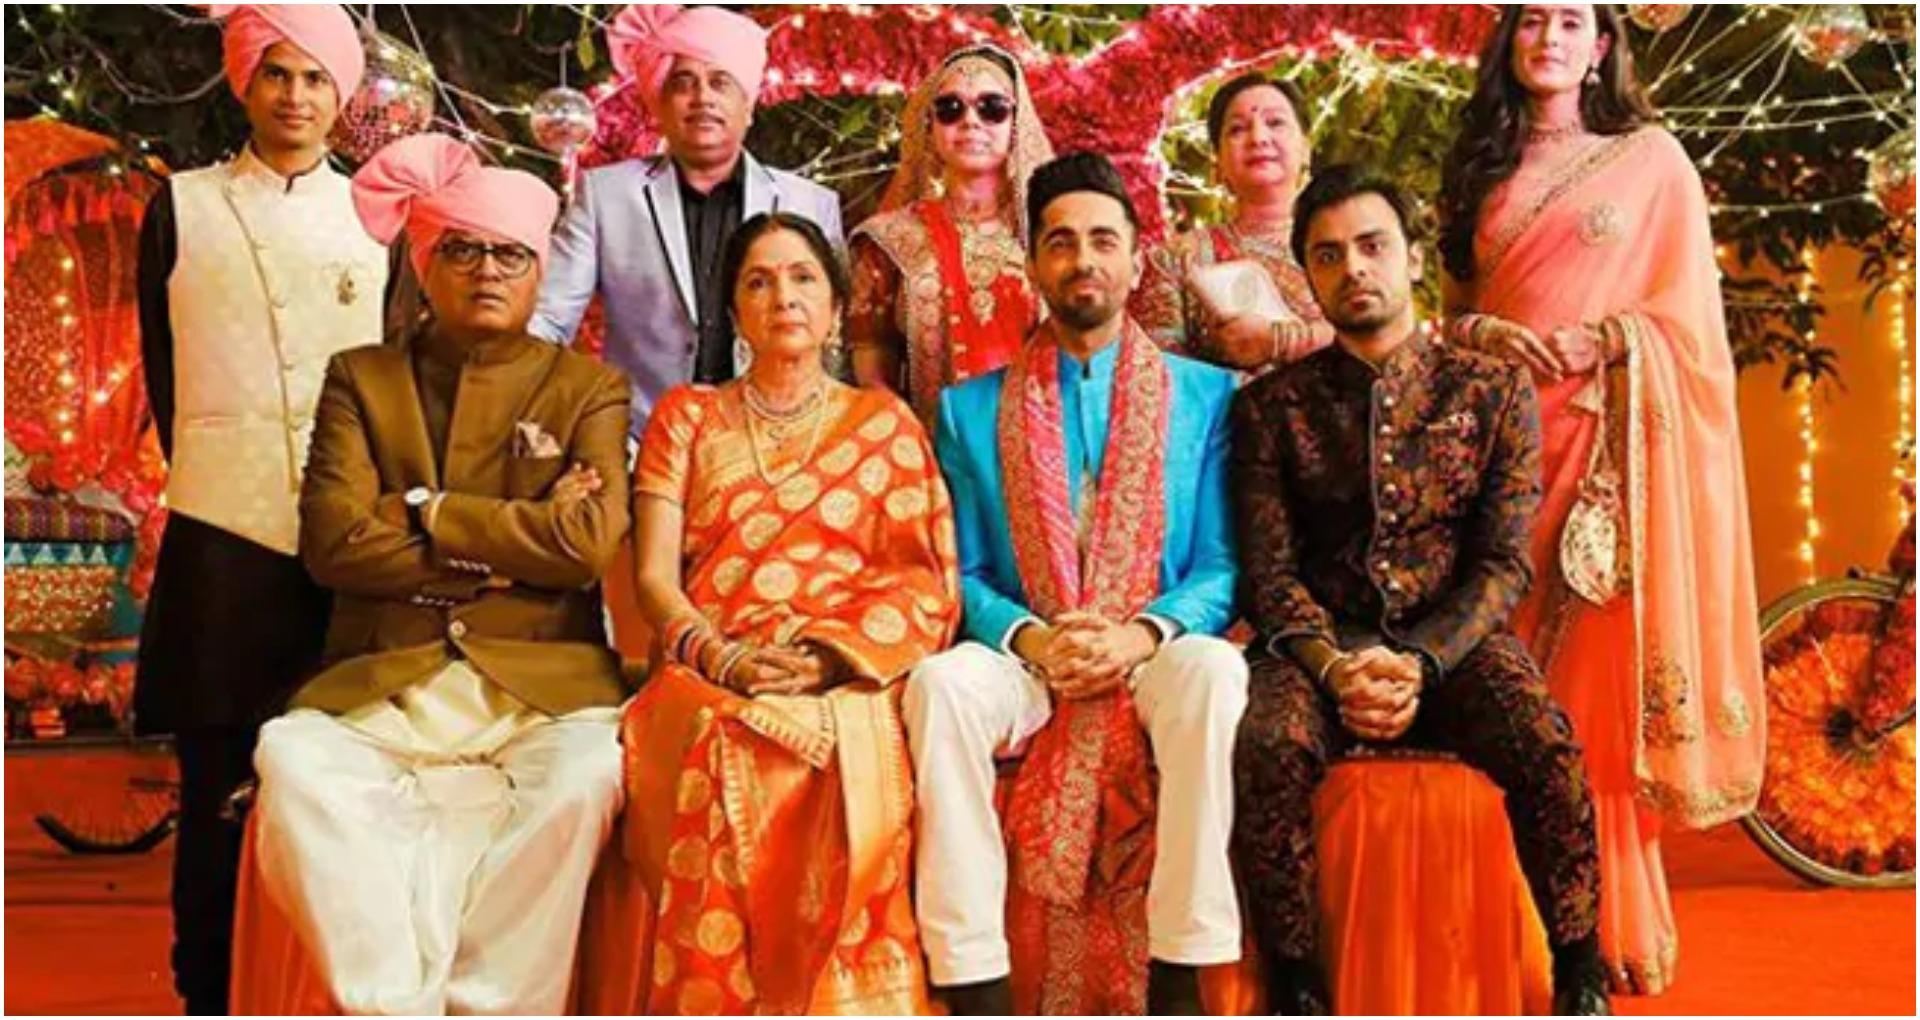 Shubh Mangal Zyada Saavdhan Day 3: आयुष्मान खुराना की फिल्म कर रही हैं अच्छा प्रदर्शन, 3 दिन में कमाये इतने कर